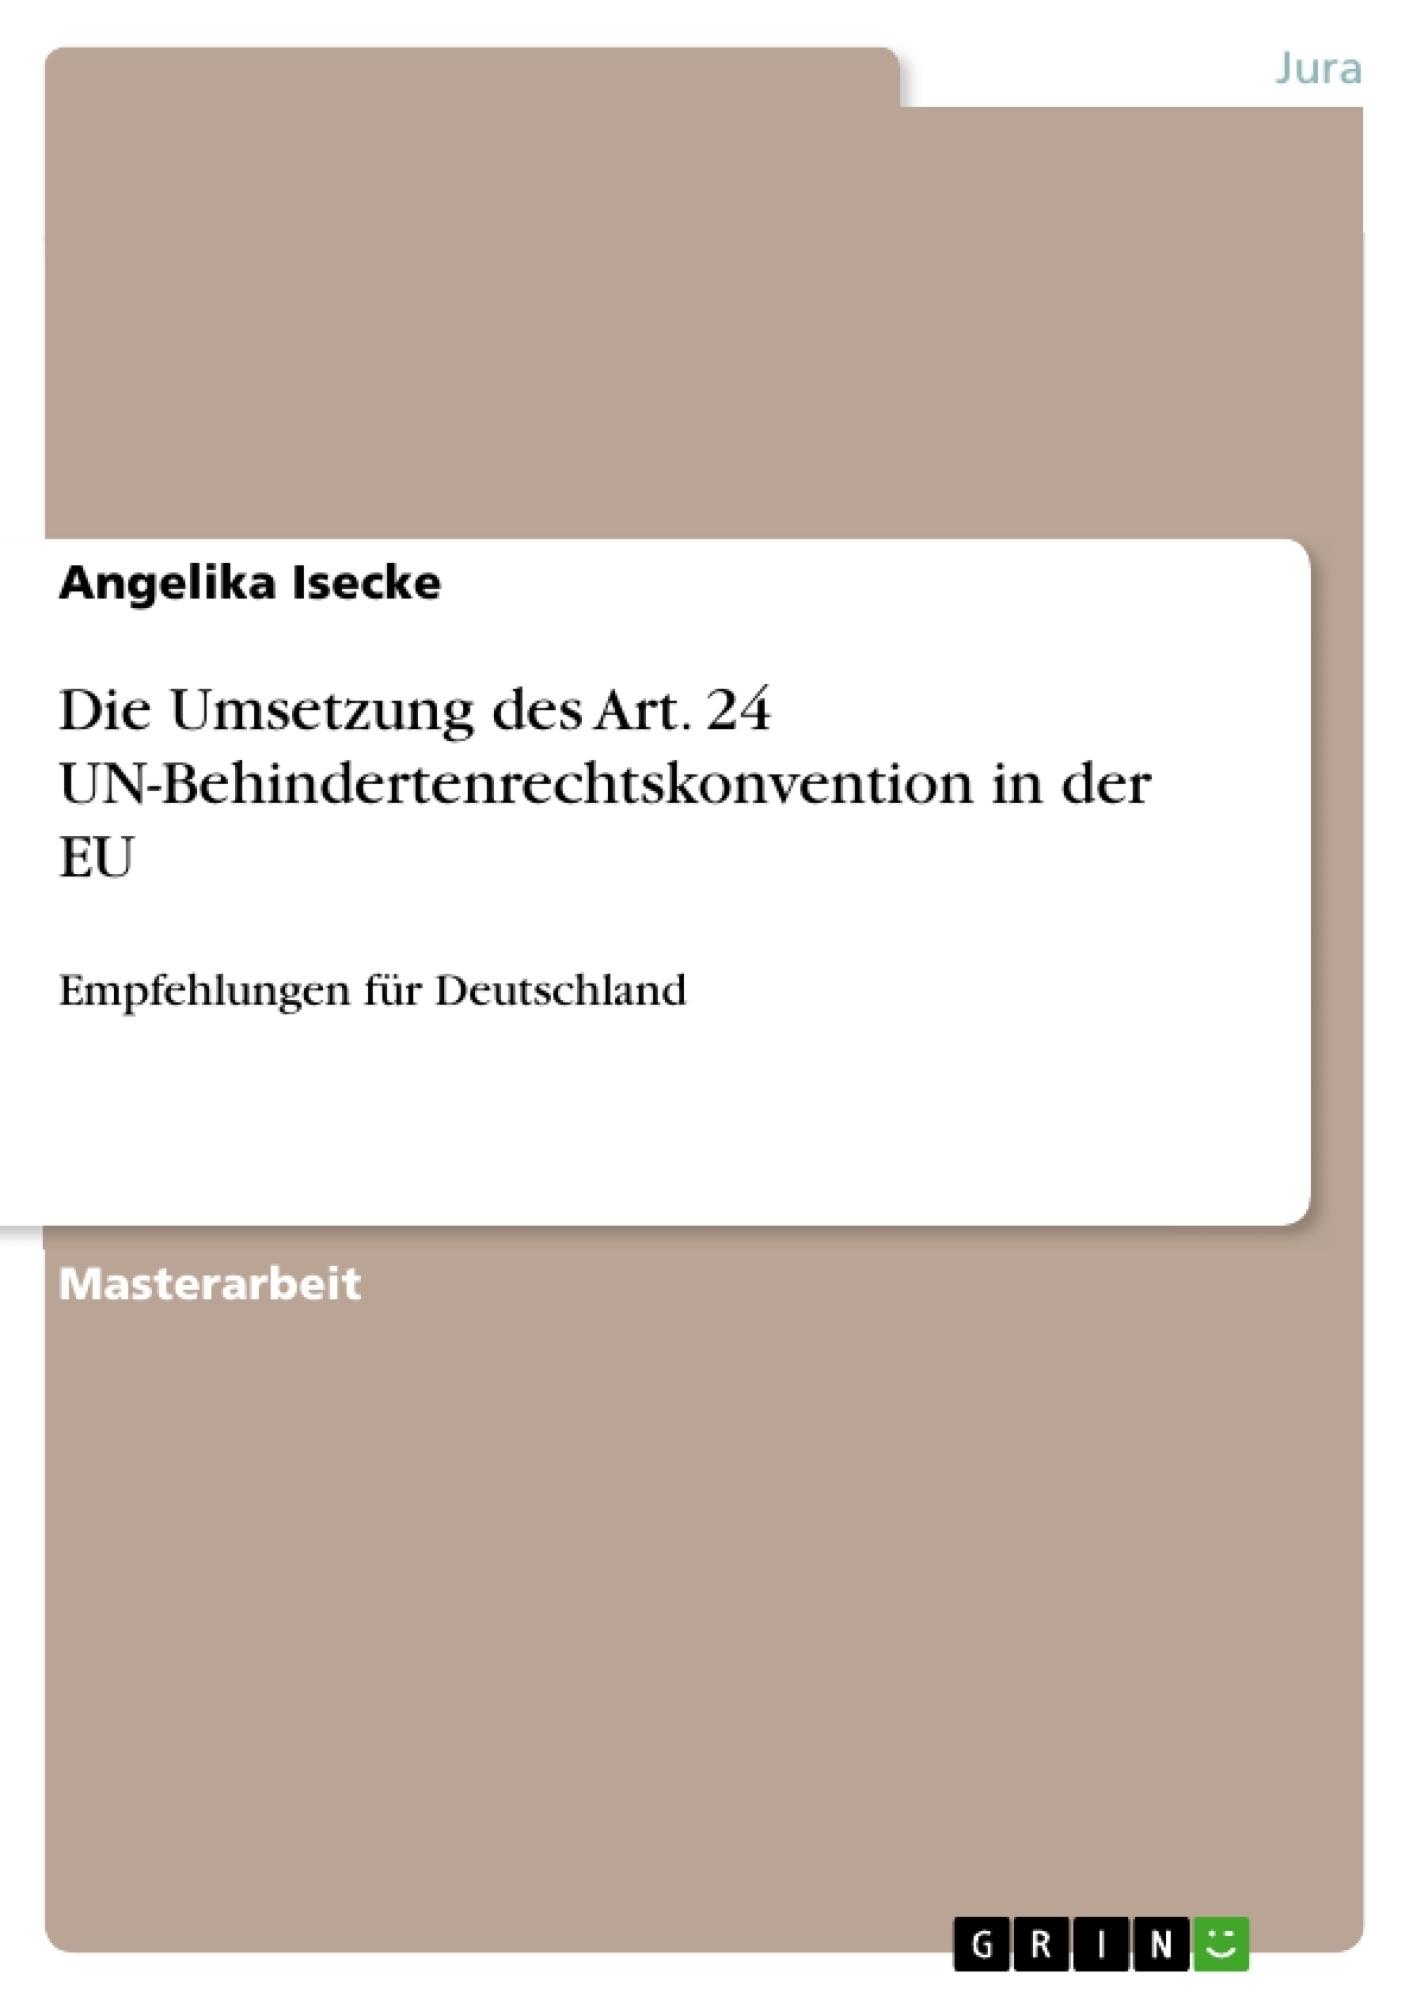 Titel: Die Umsetzung des Art. 24 UN-Behindertenrechtskonvention in der EU